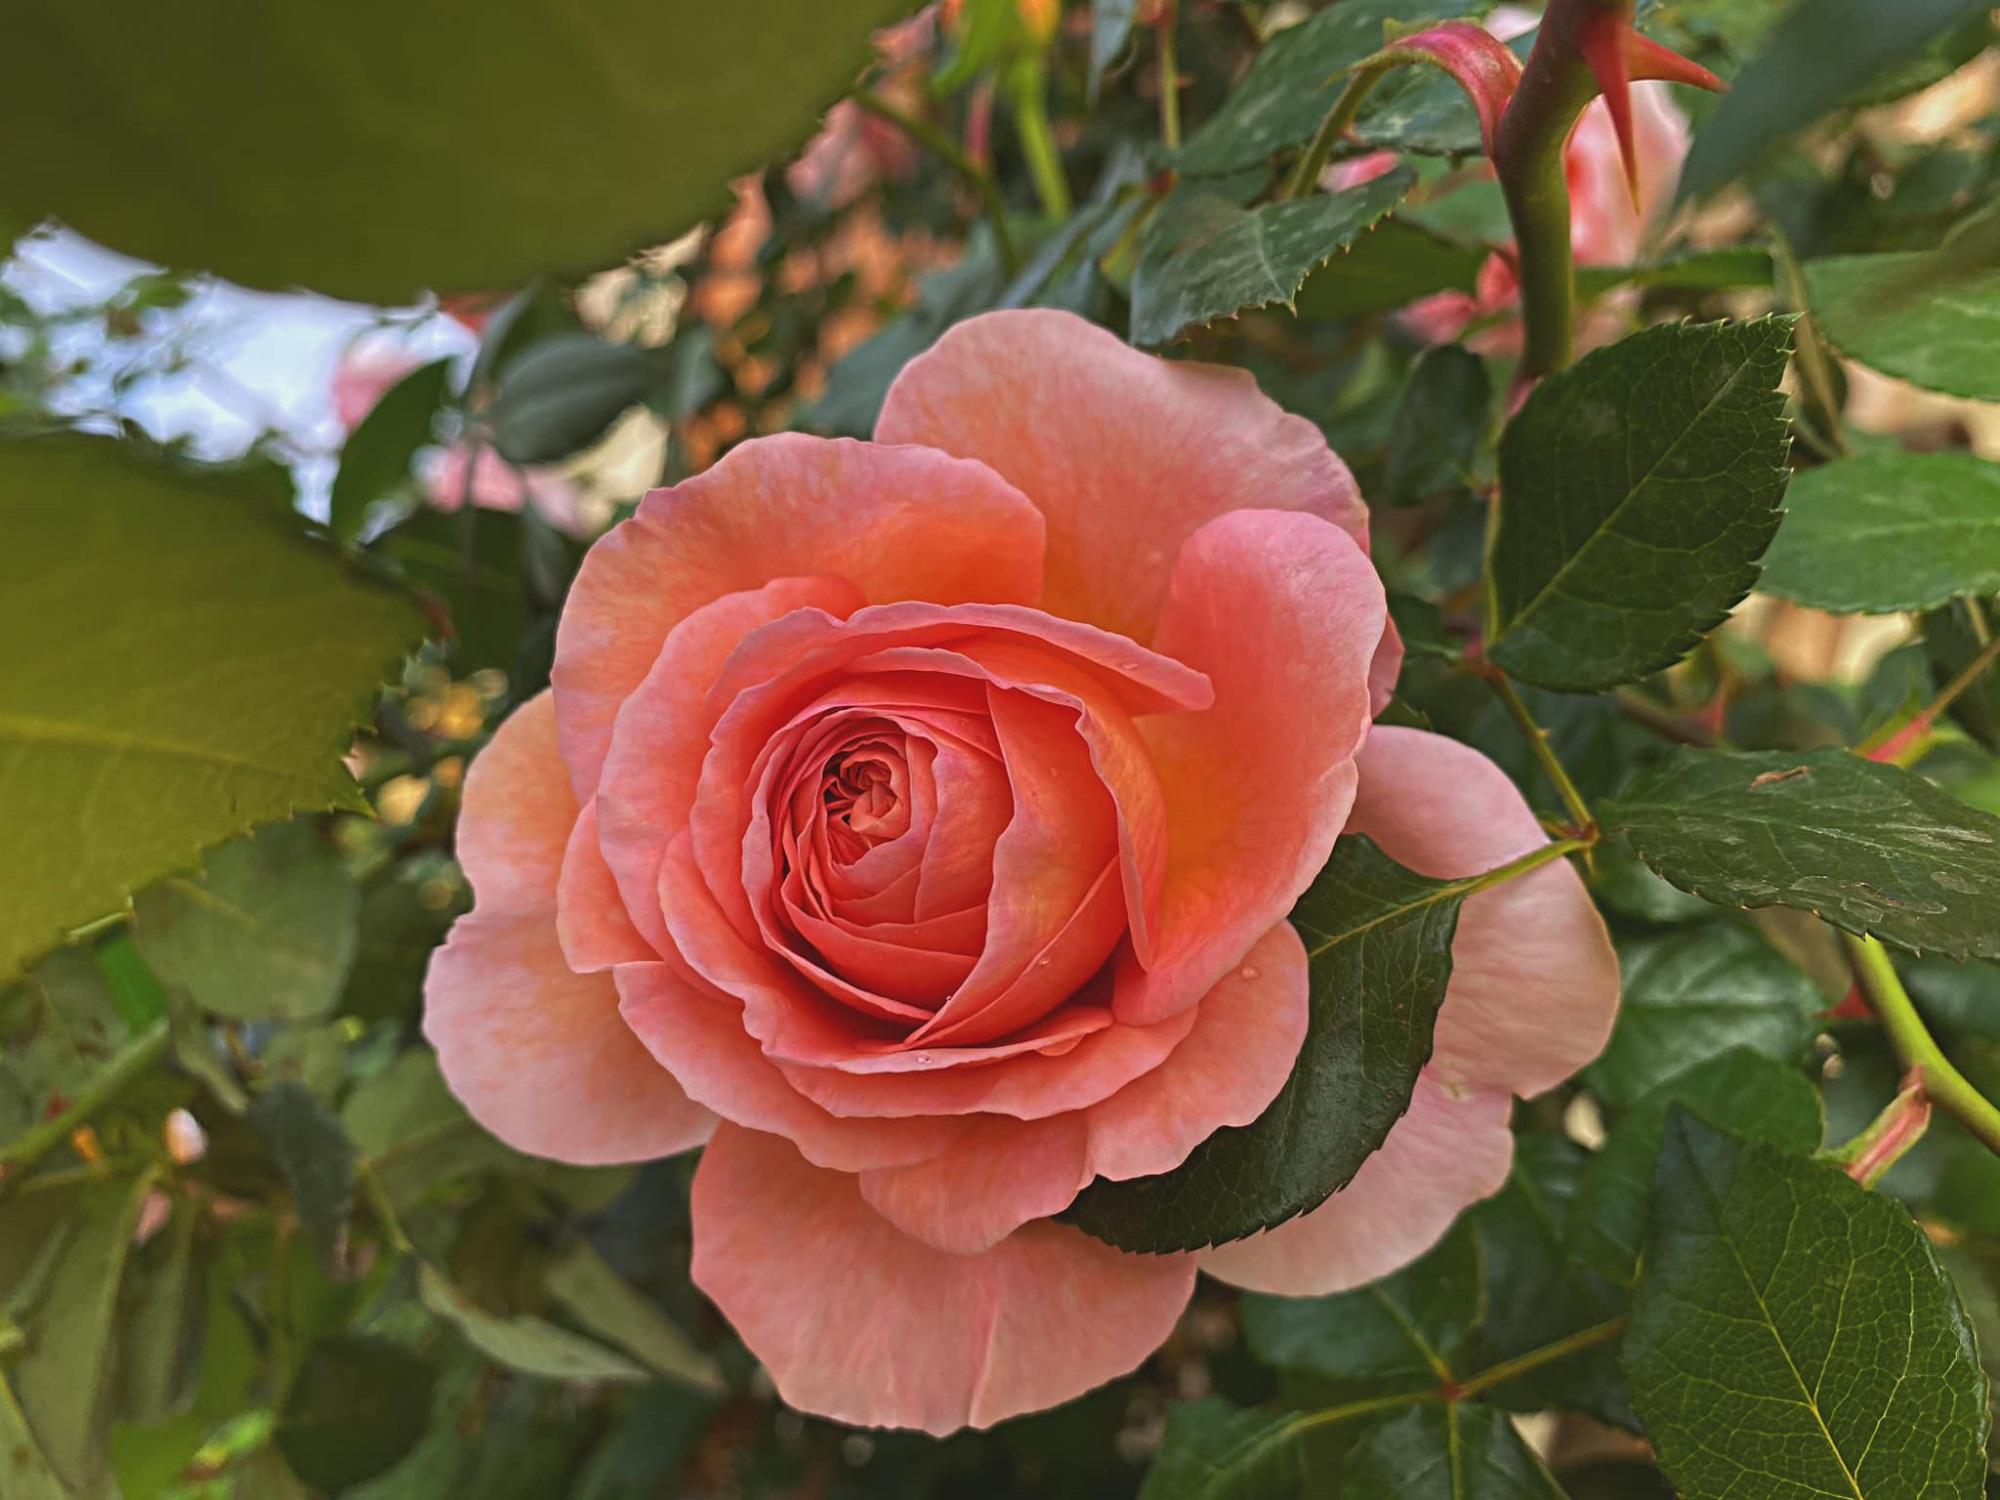 Bí quyết cực dễ để chăm giàn hồng leo nở hoa ngút ngàn, đẹp như trời tây - Ảnh 4